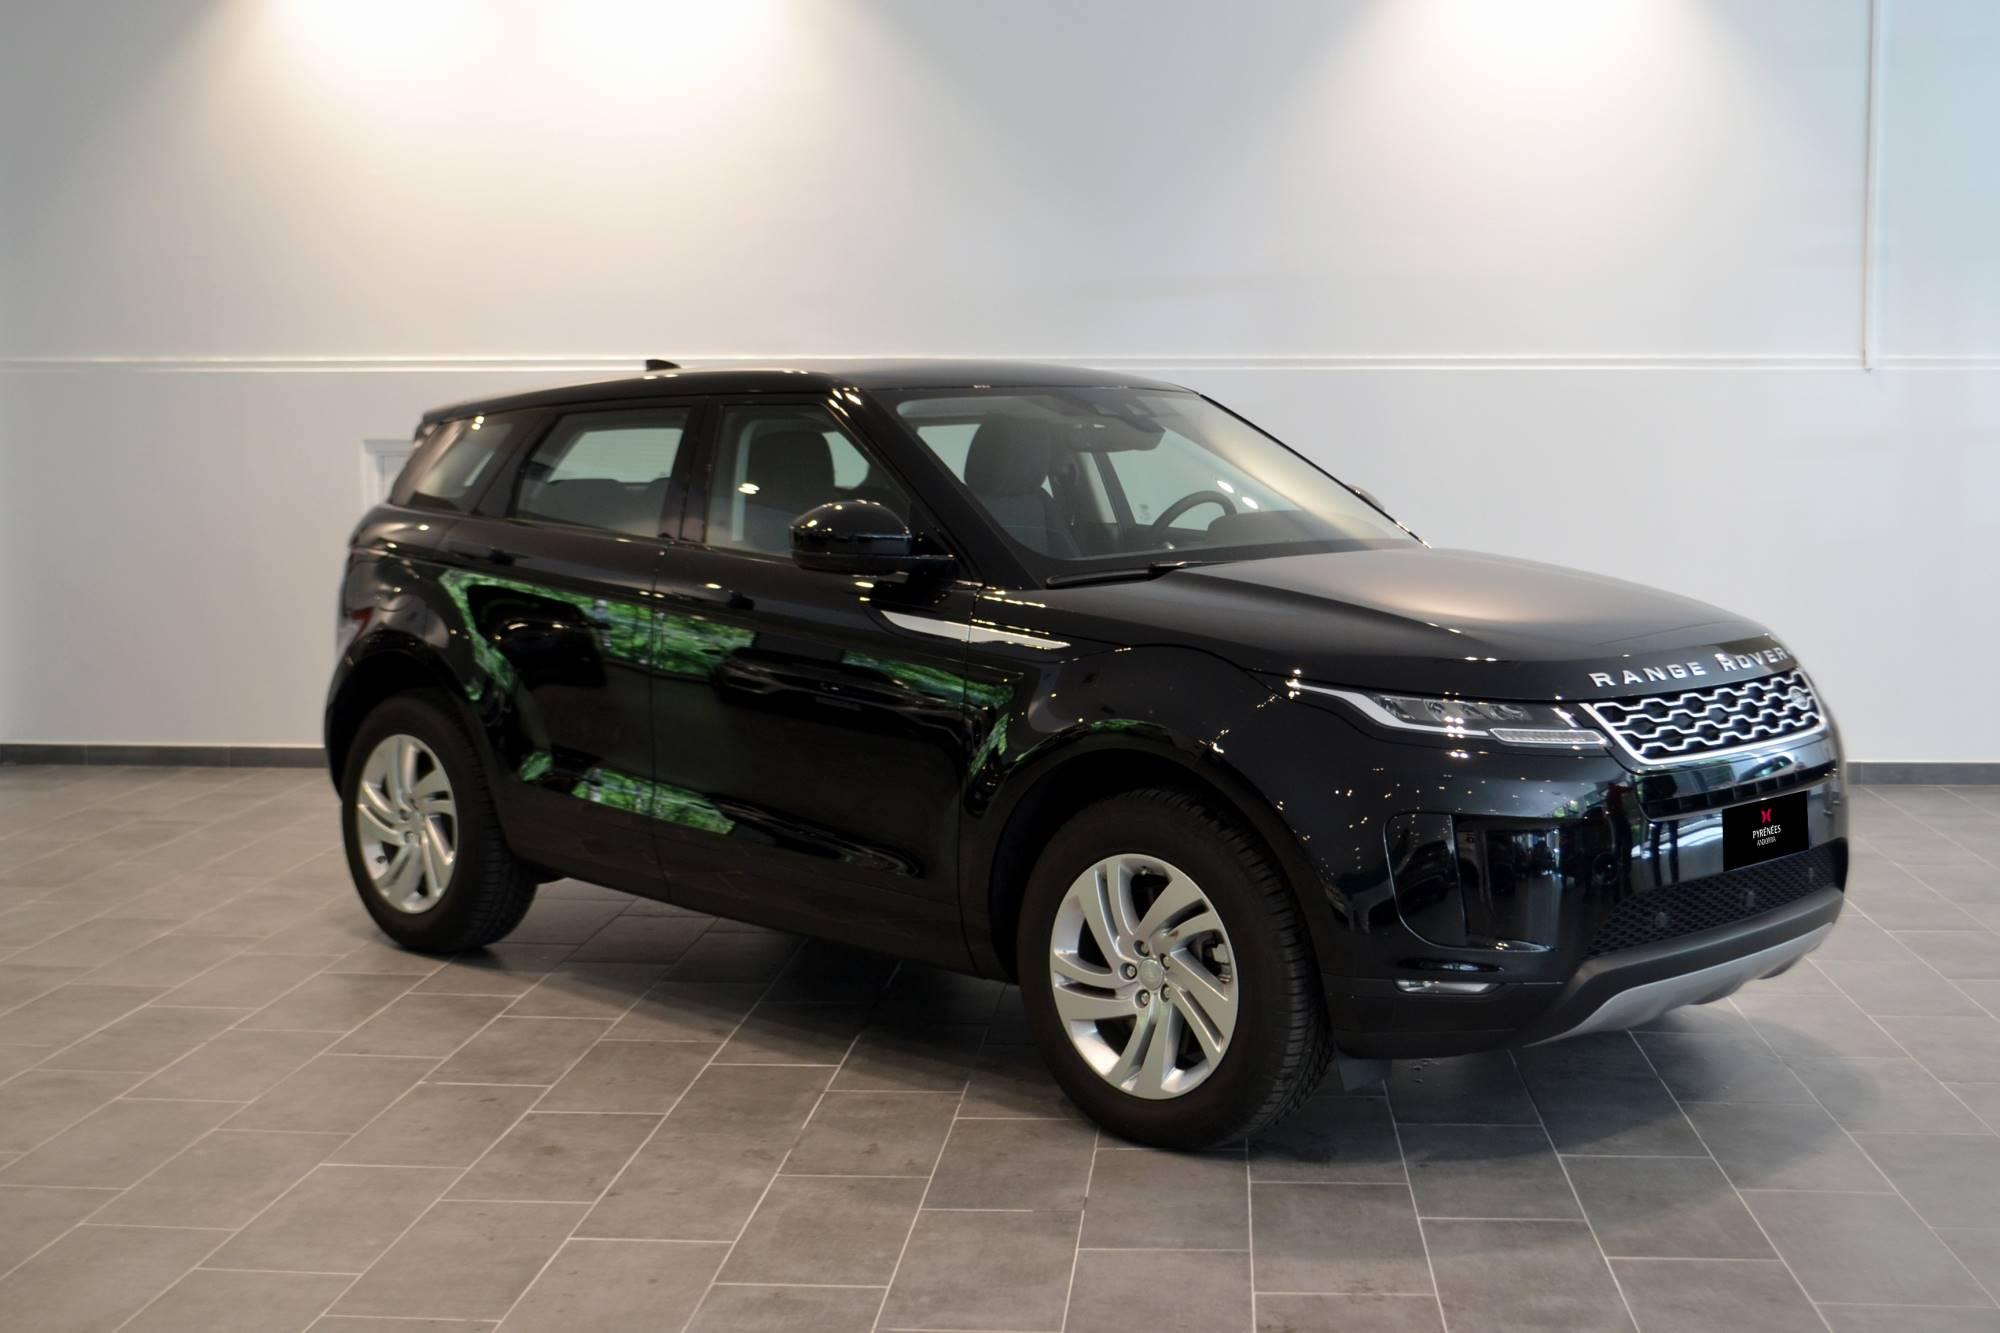 Land Rover - Range Rover Evoque - 2.0 2.0 Dièsel  2019  7.165 Km